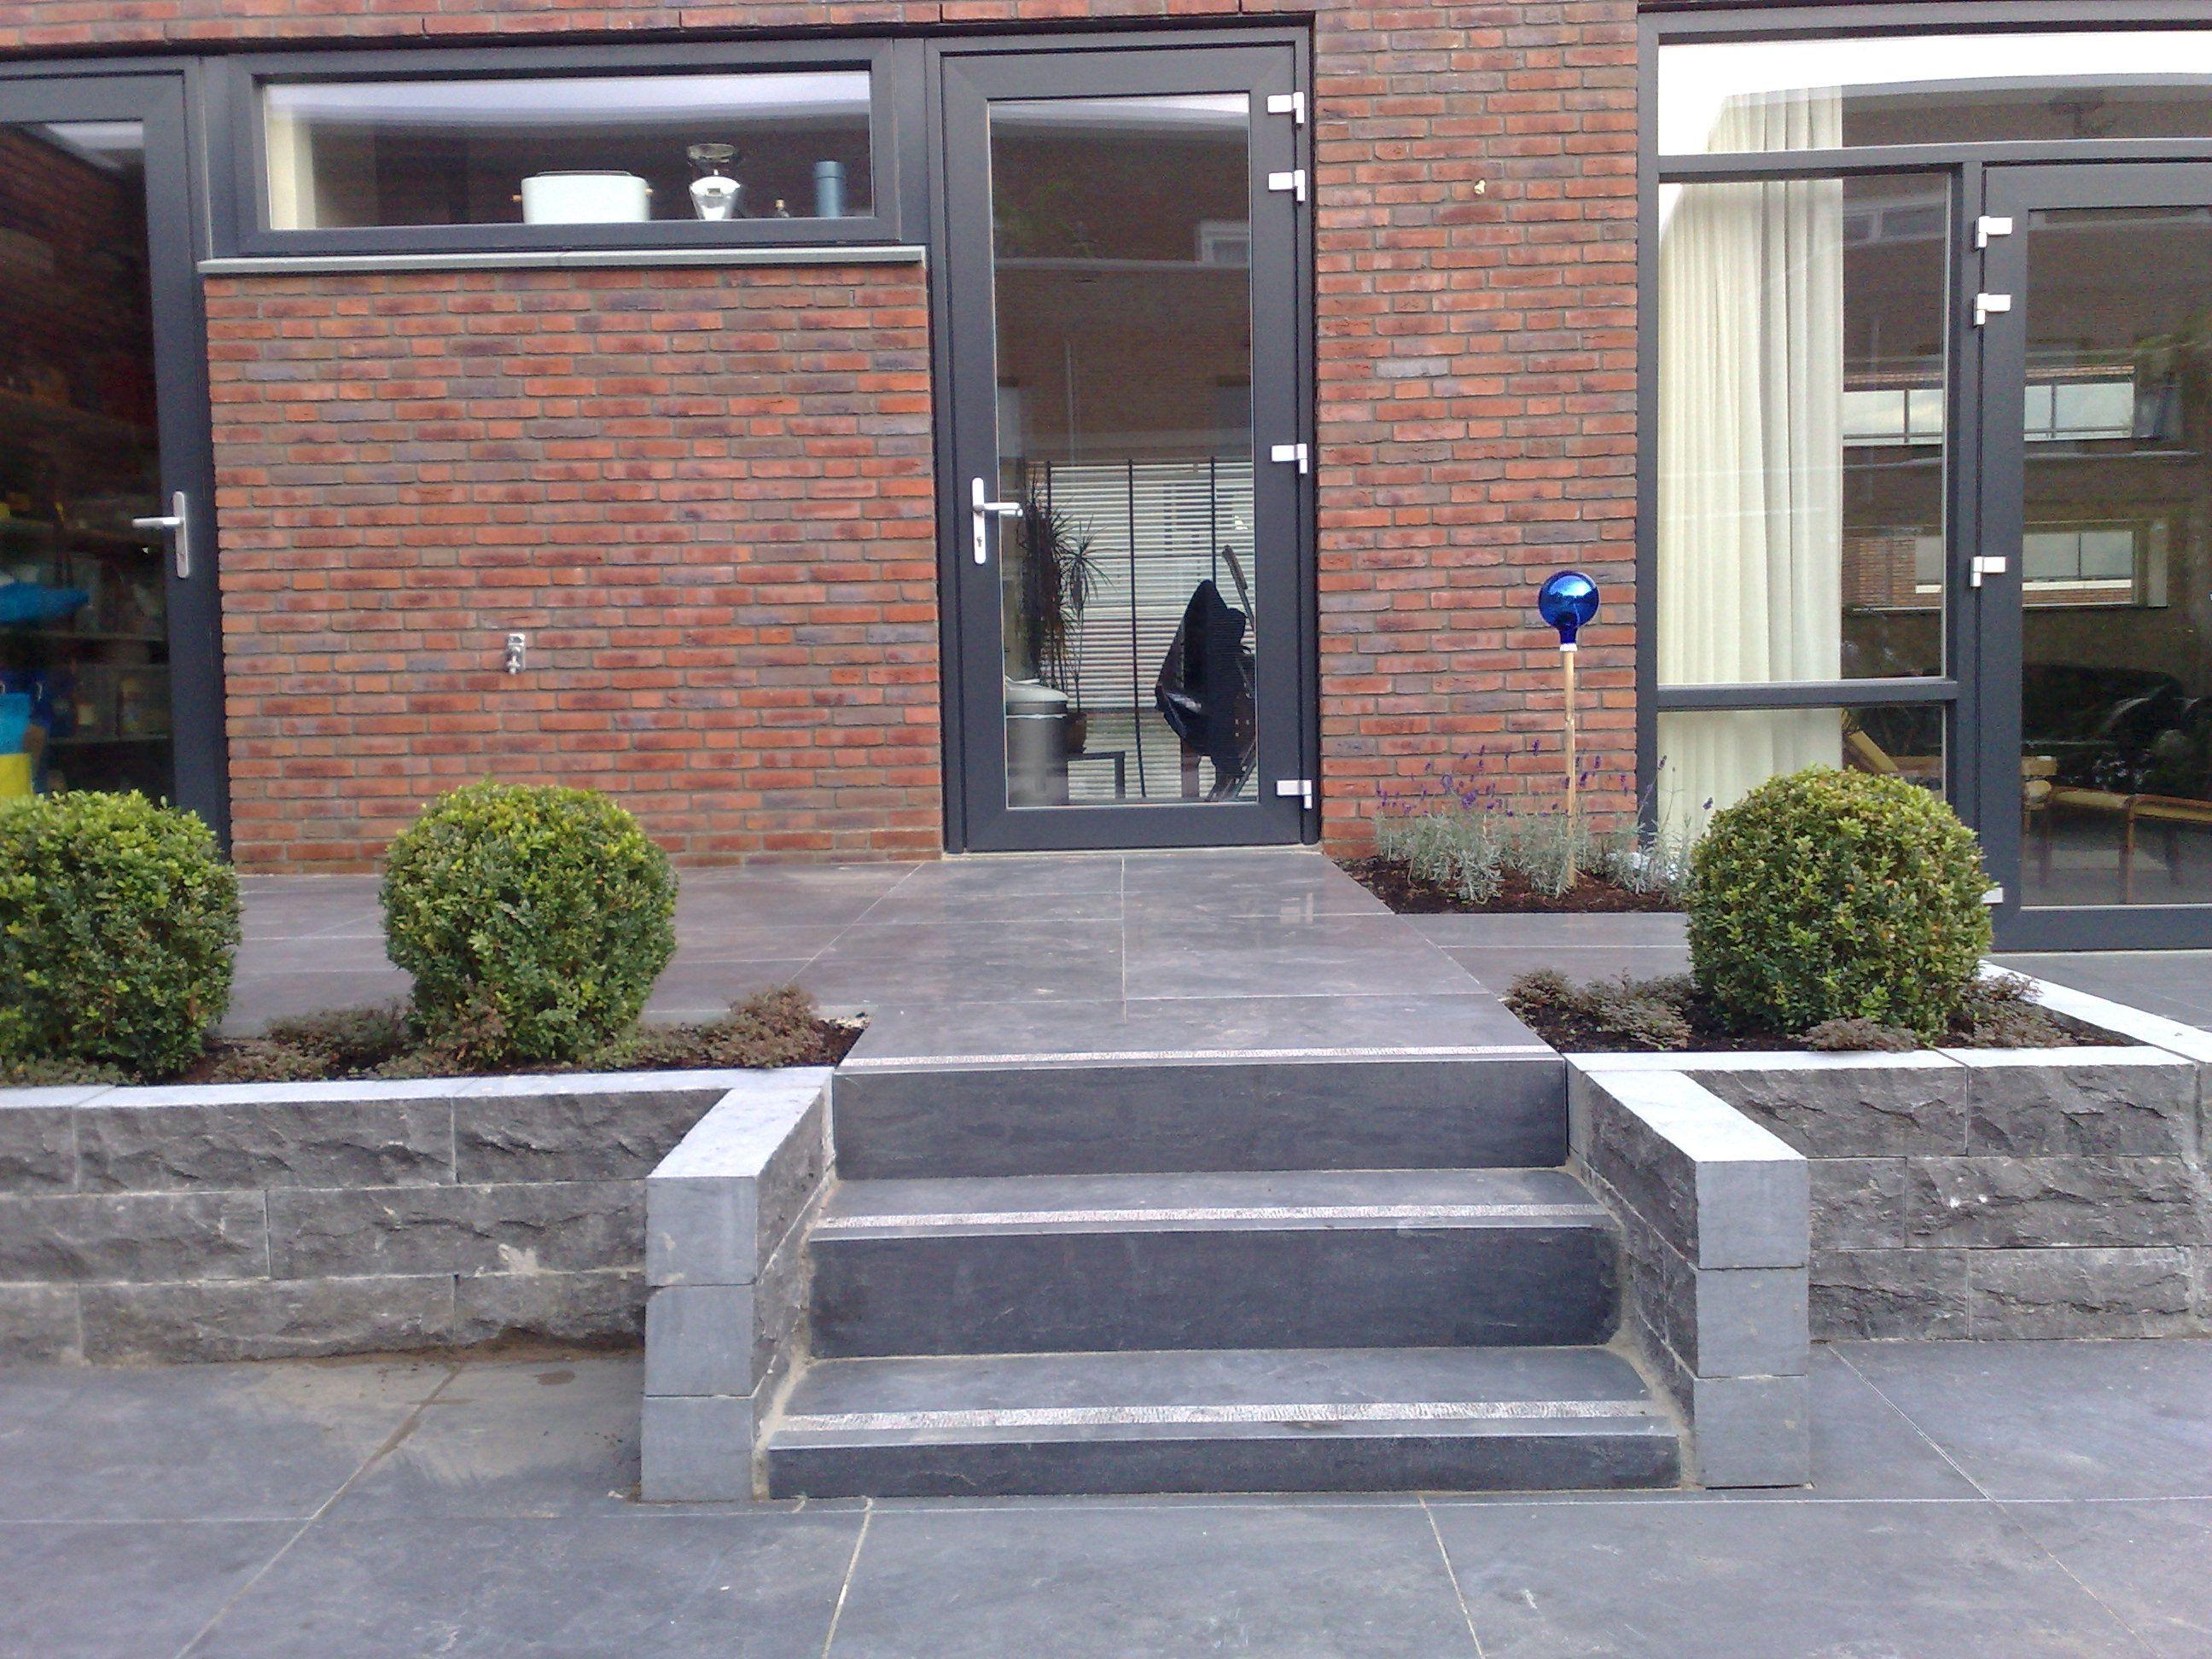 Verhoogd terras tegen huis hoe eraan beginnen? bouwinfo buiten